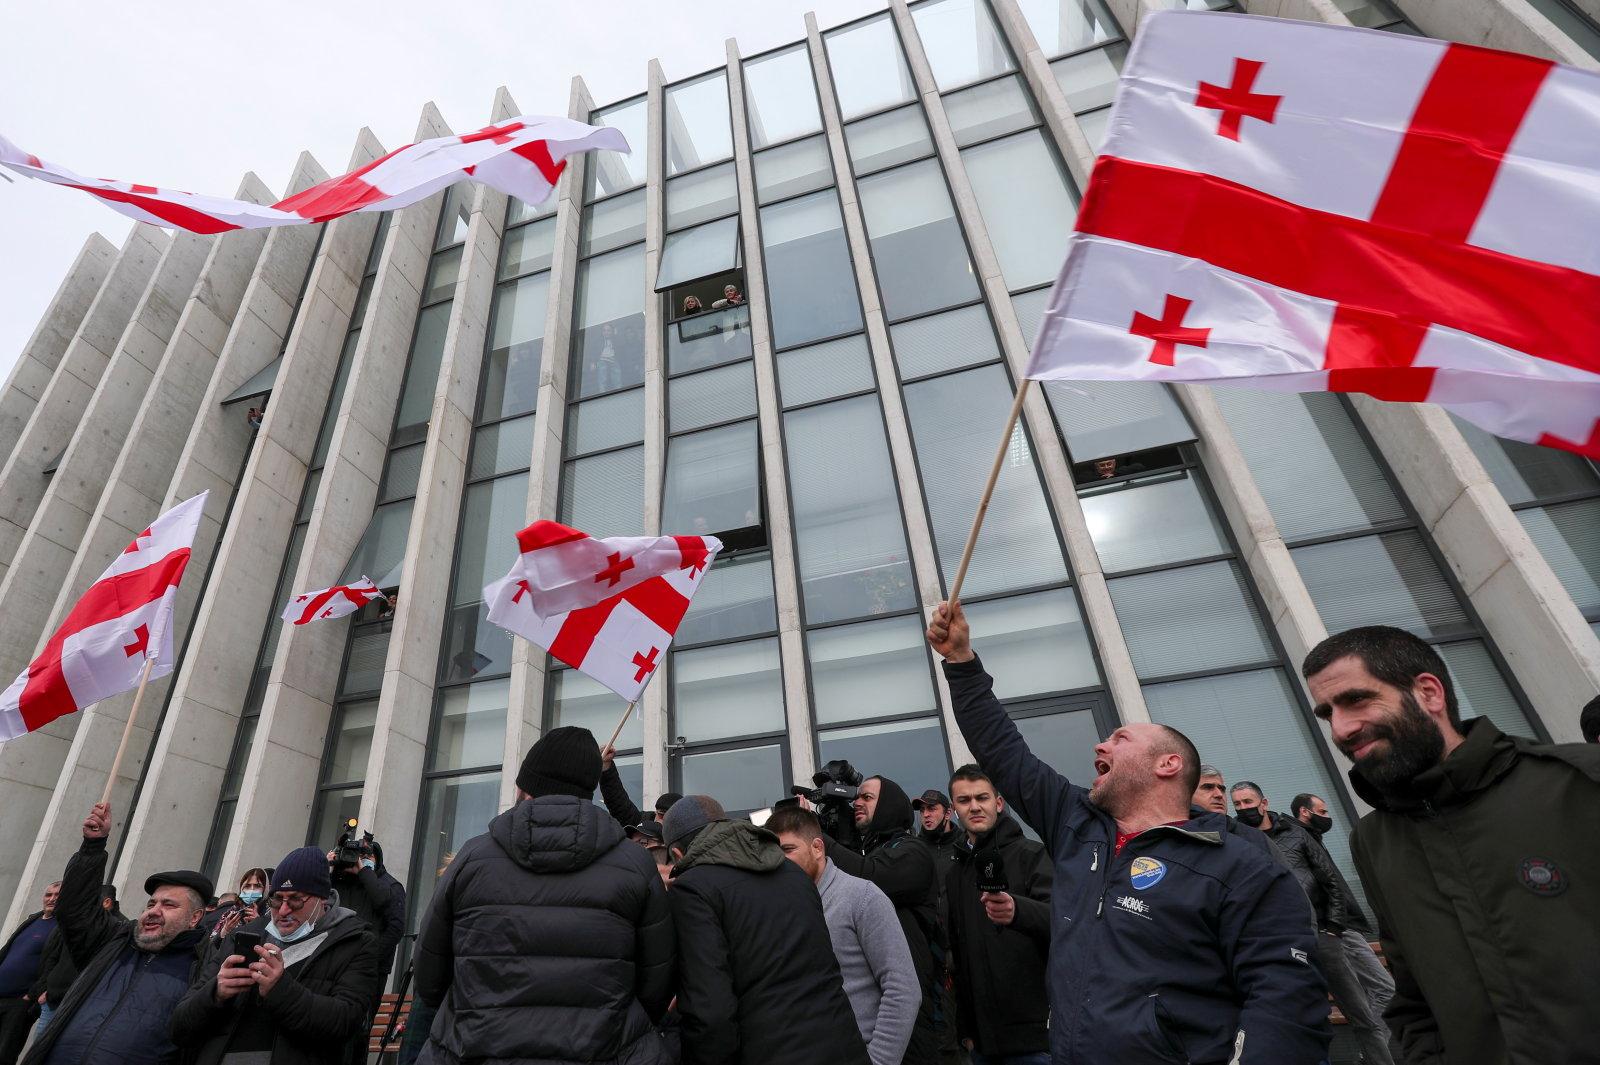 Ilves ja Volker:  Gruusia tulevik demokraatliku riigina on ohus